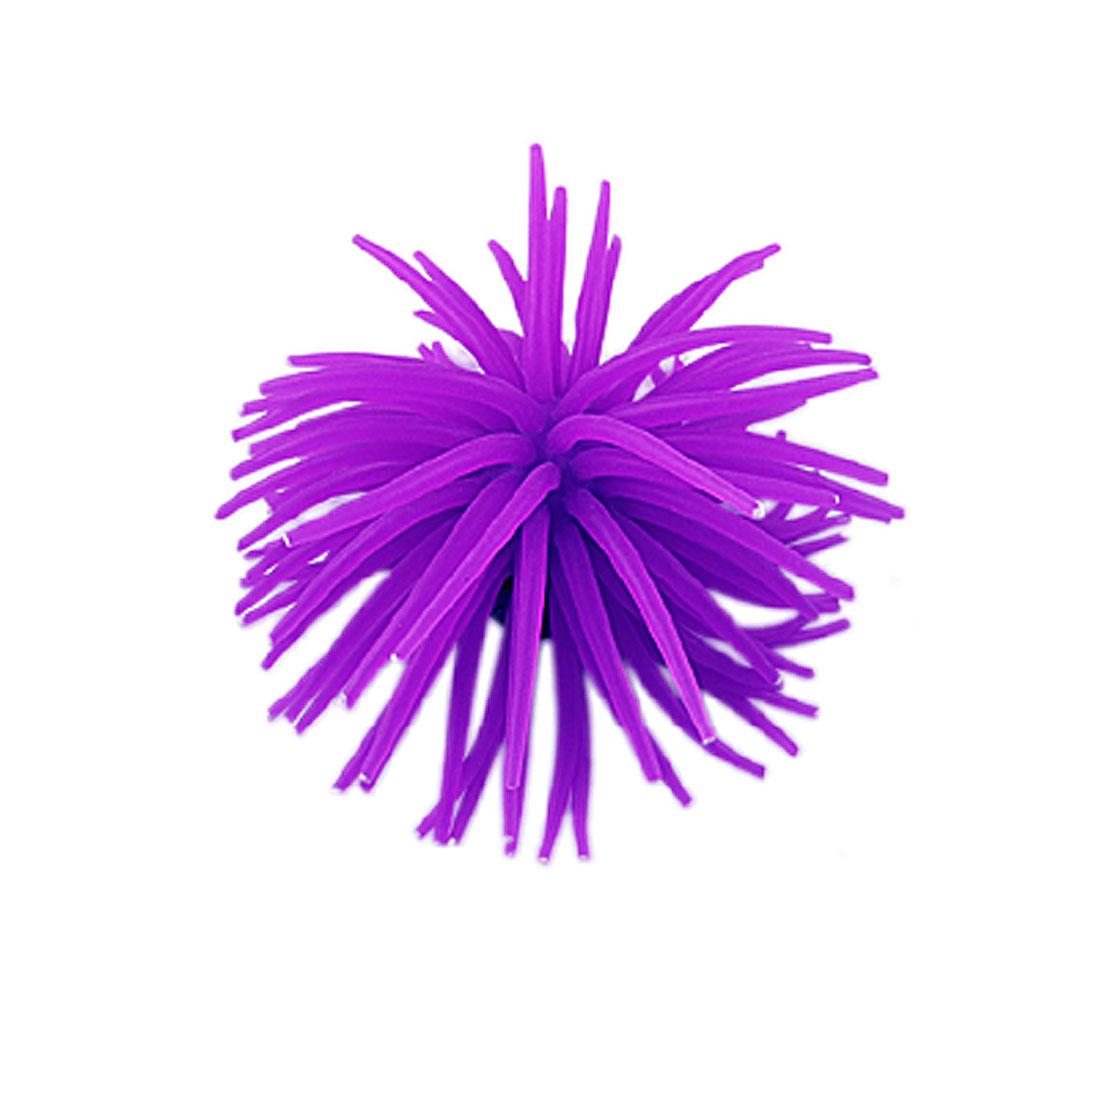 Aquarium Fish Tank Decoratvie Emulational Silicone Sea Urchin Purple